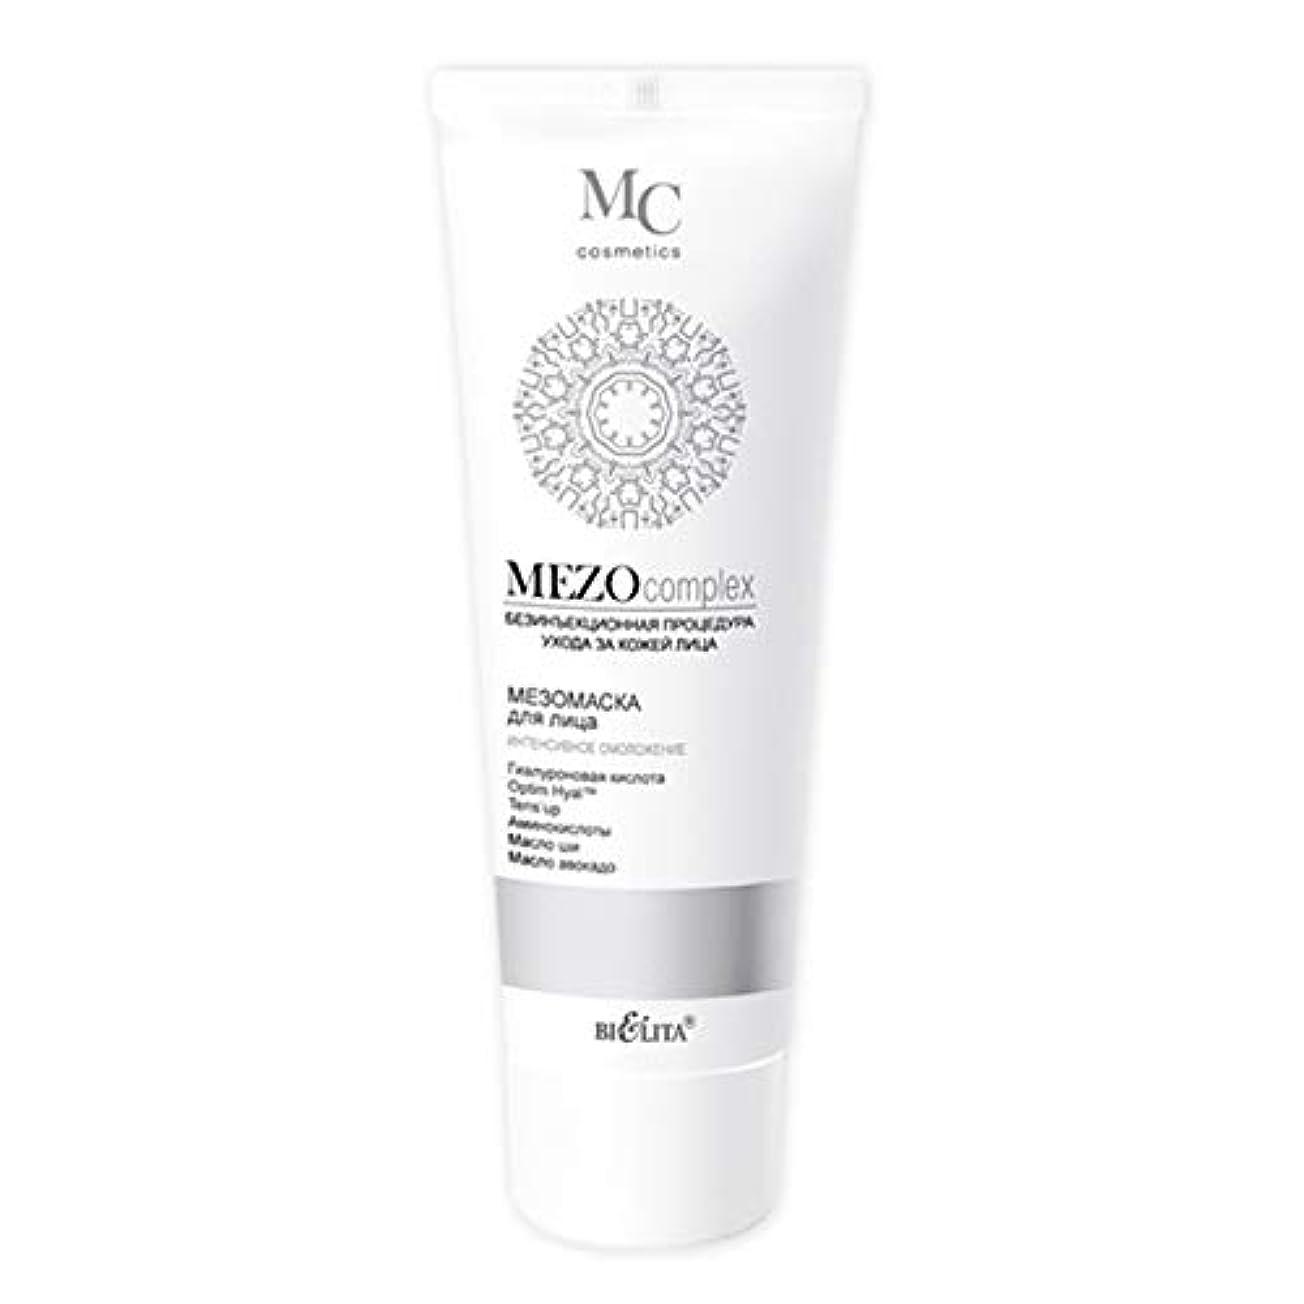 騒々しいマーチャンダイジング専門用語Mezo complex | Mezo MASK for the face | Non-injection facial skin care procedure | Hyaluronic acid | Optim Hyal...